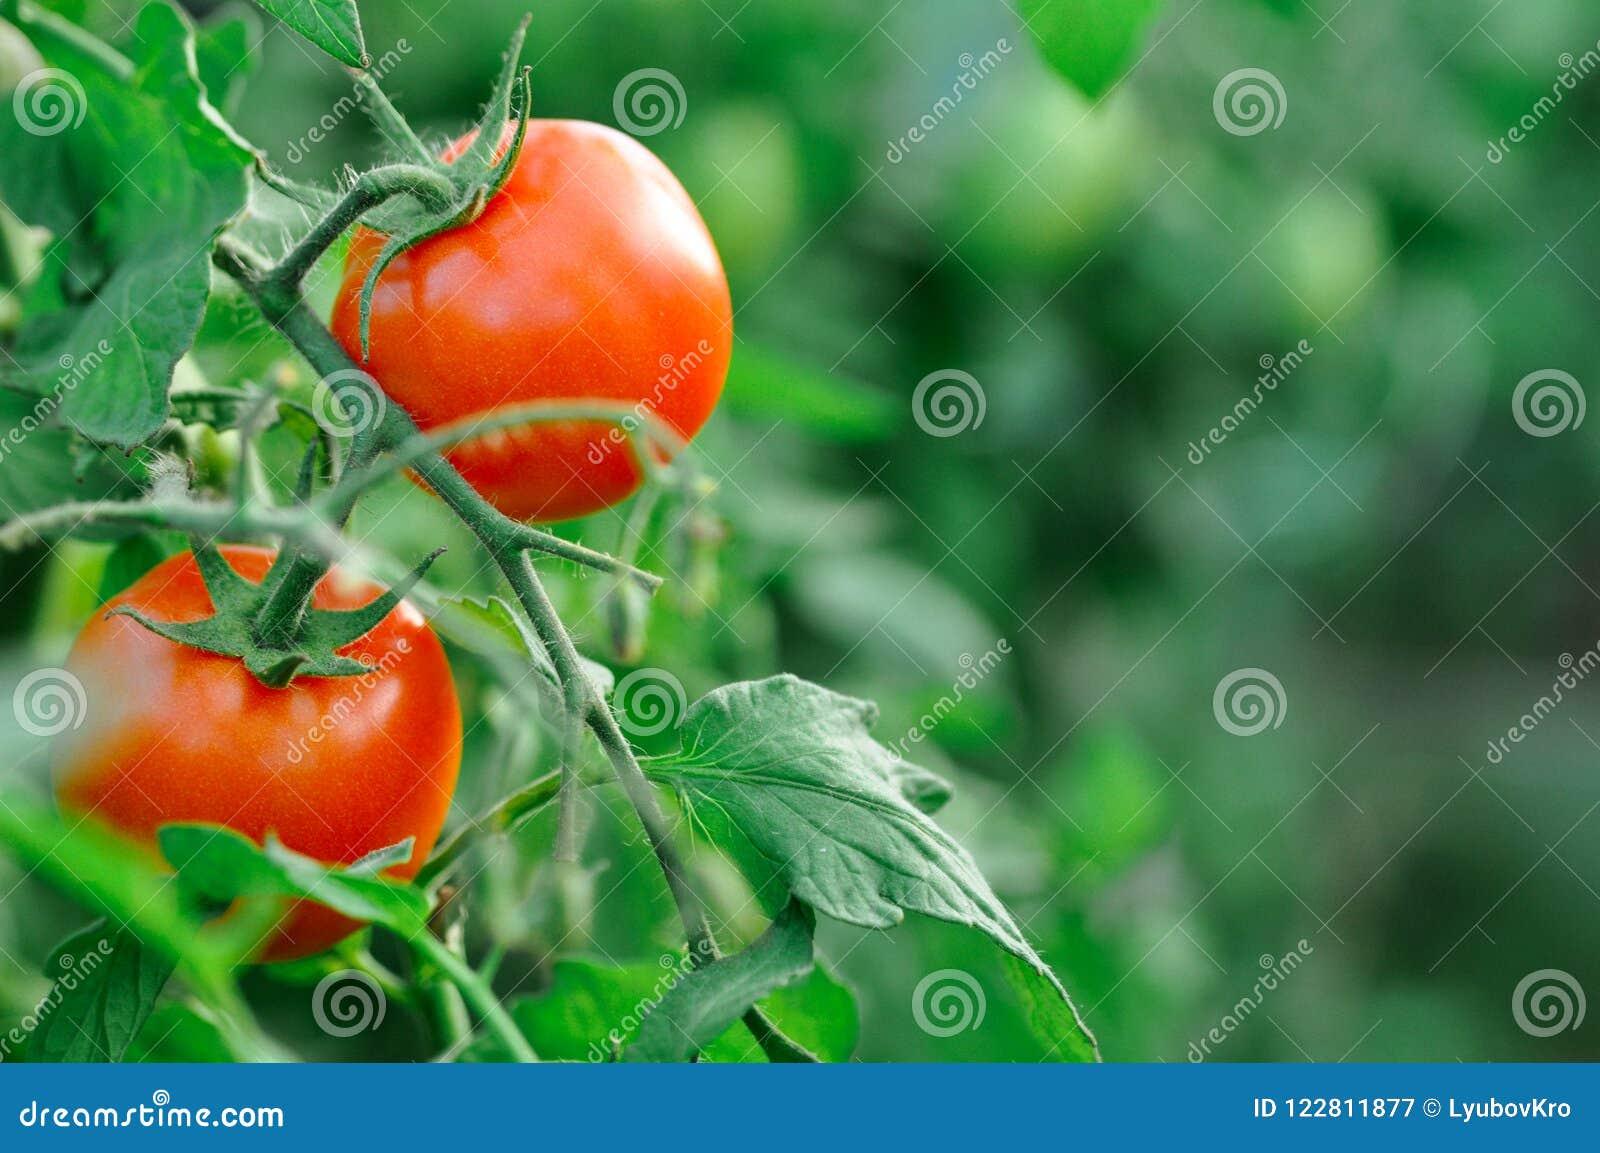 Сбор томатов в парнике осенью зеленые красные овощи